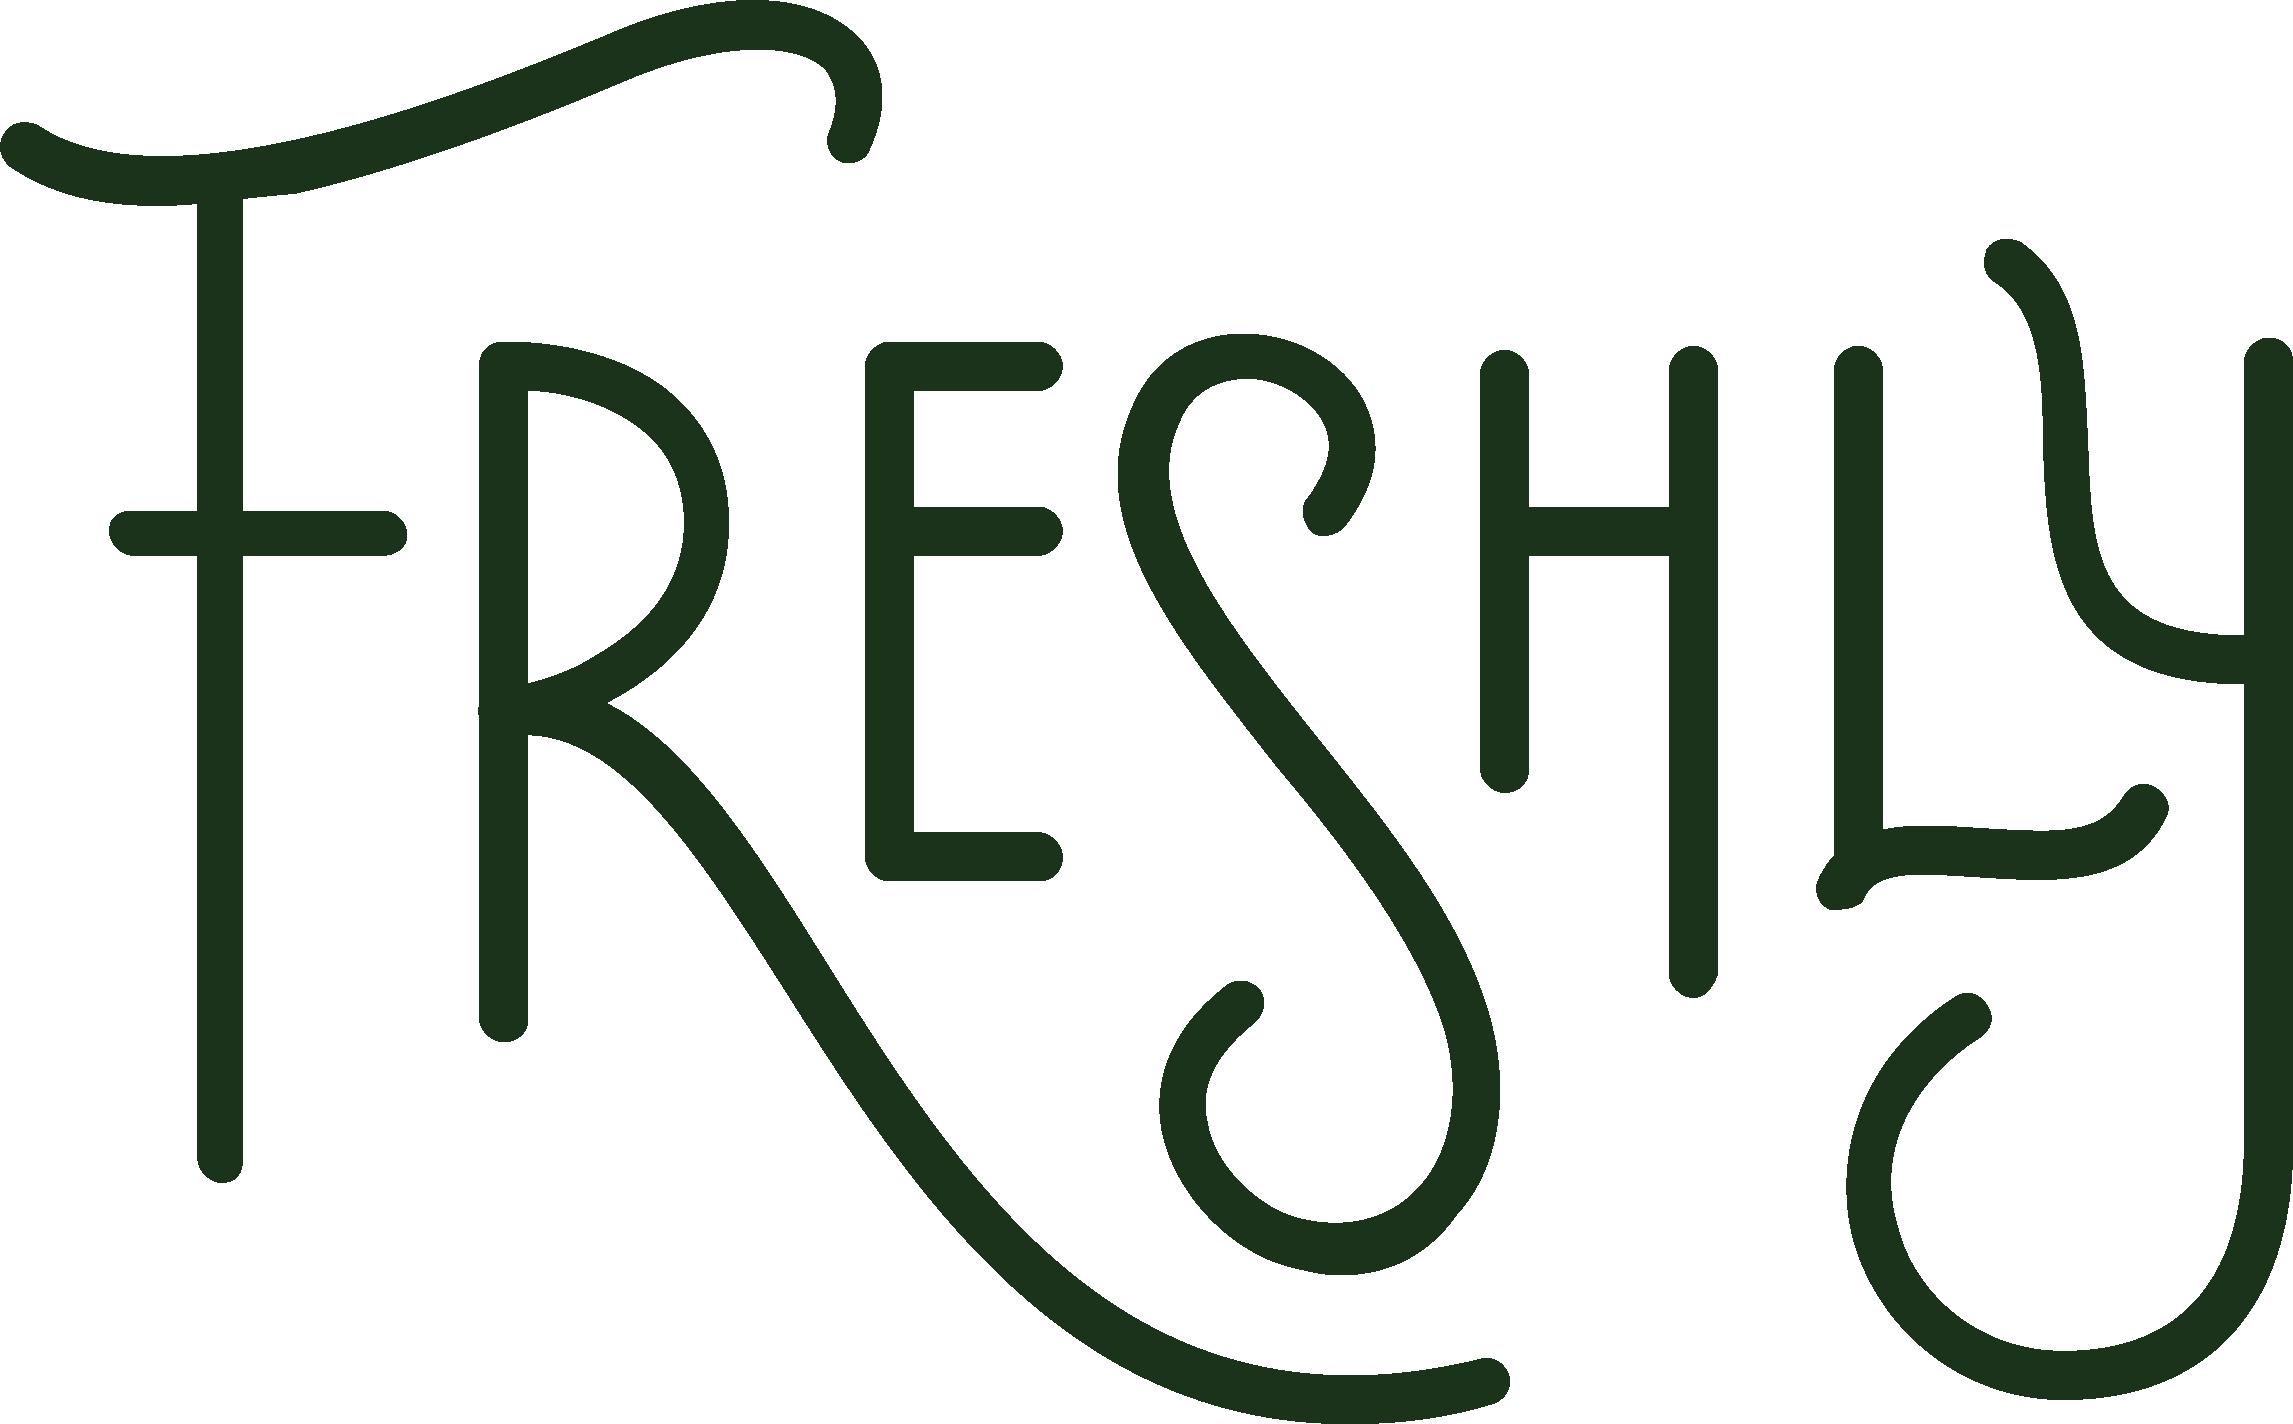 Freshly logo transparent.png